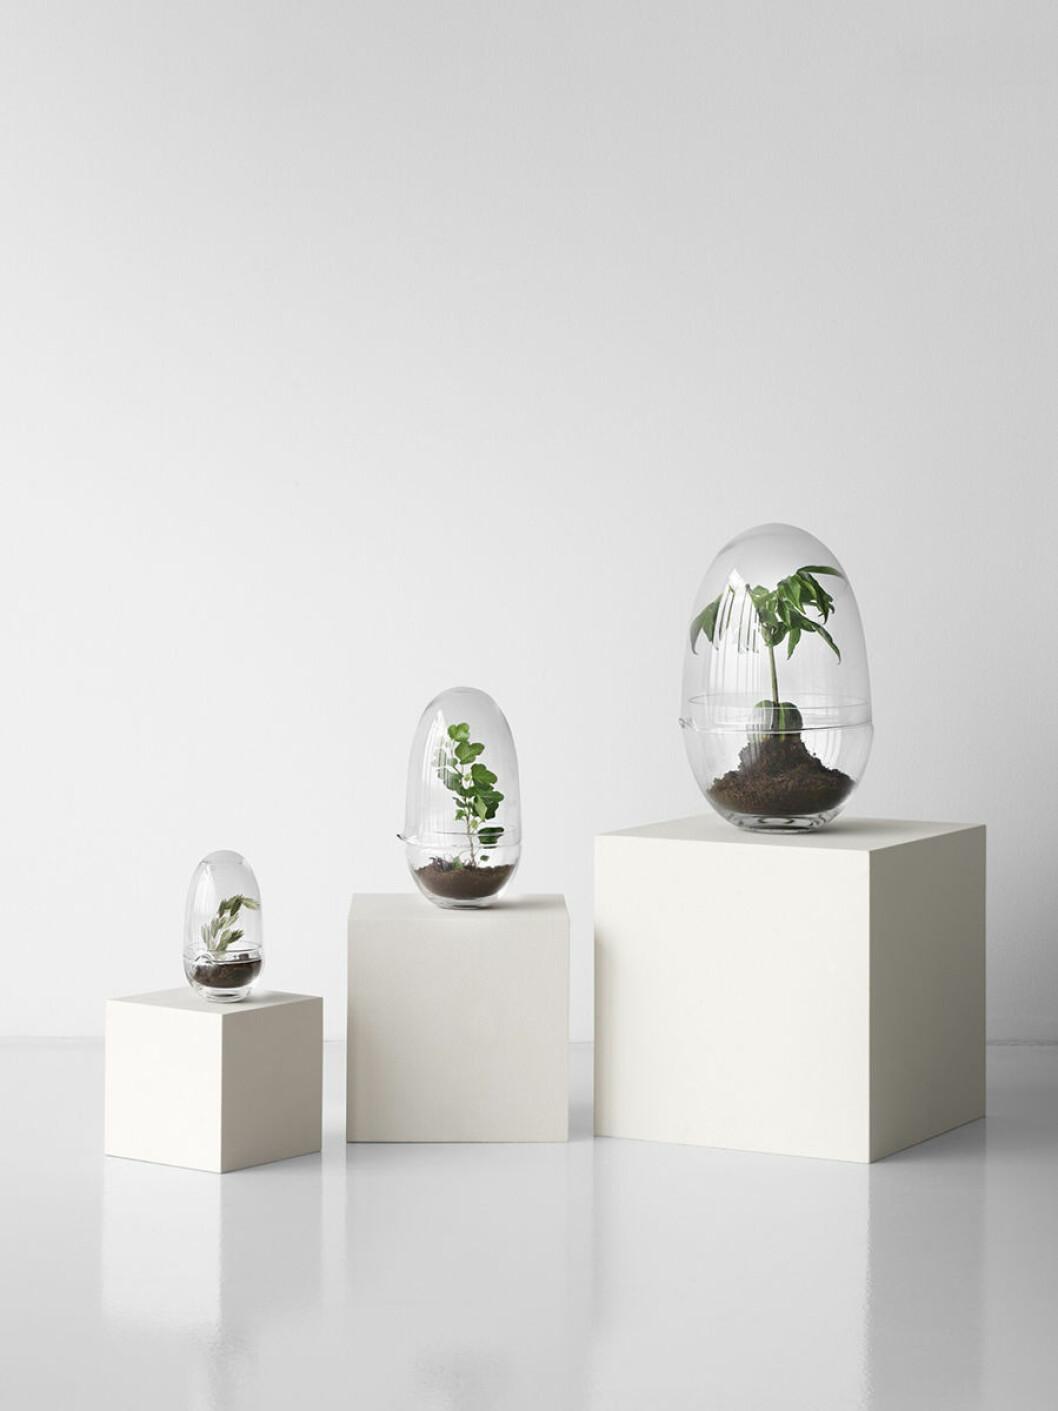 växthus i form av ett ägg